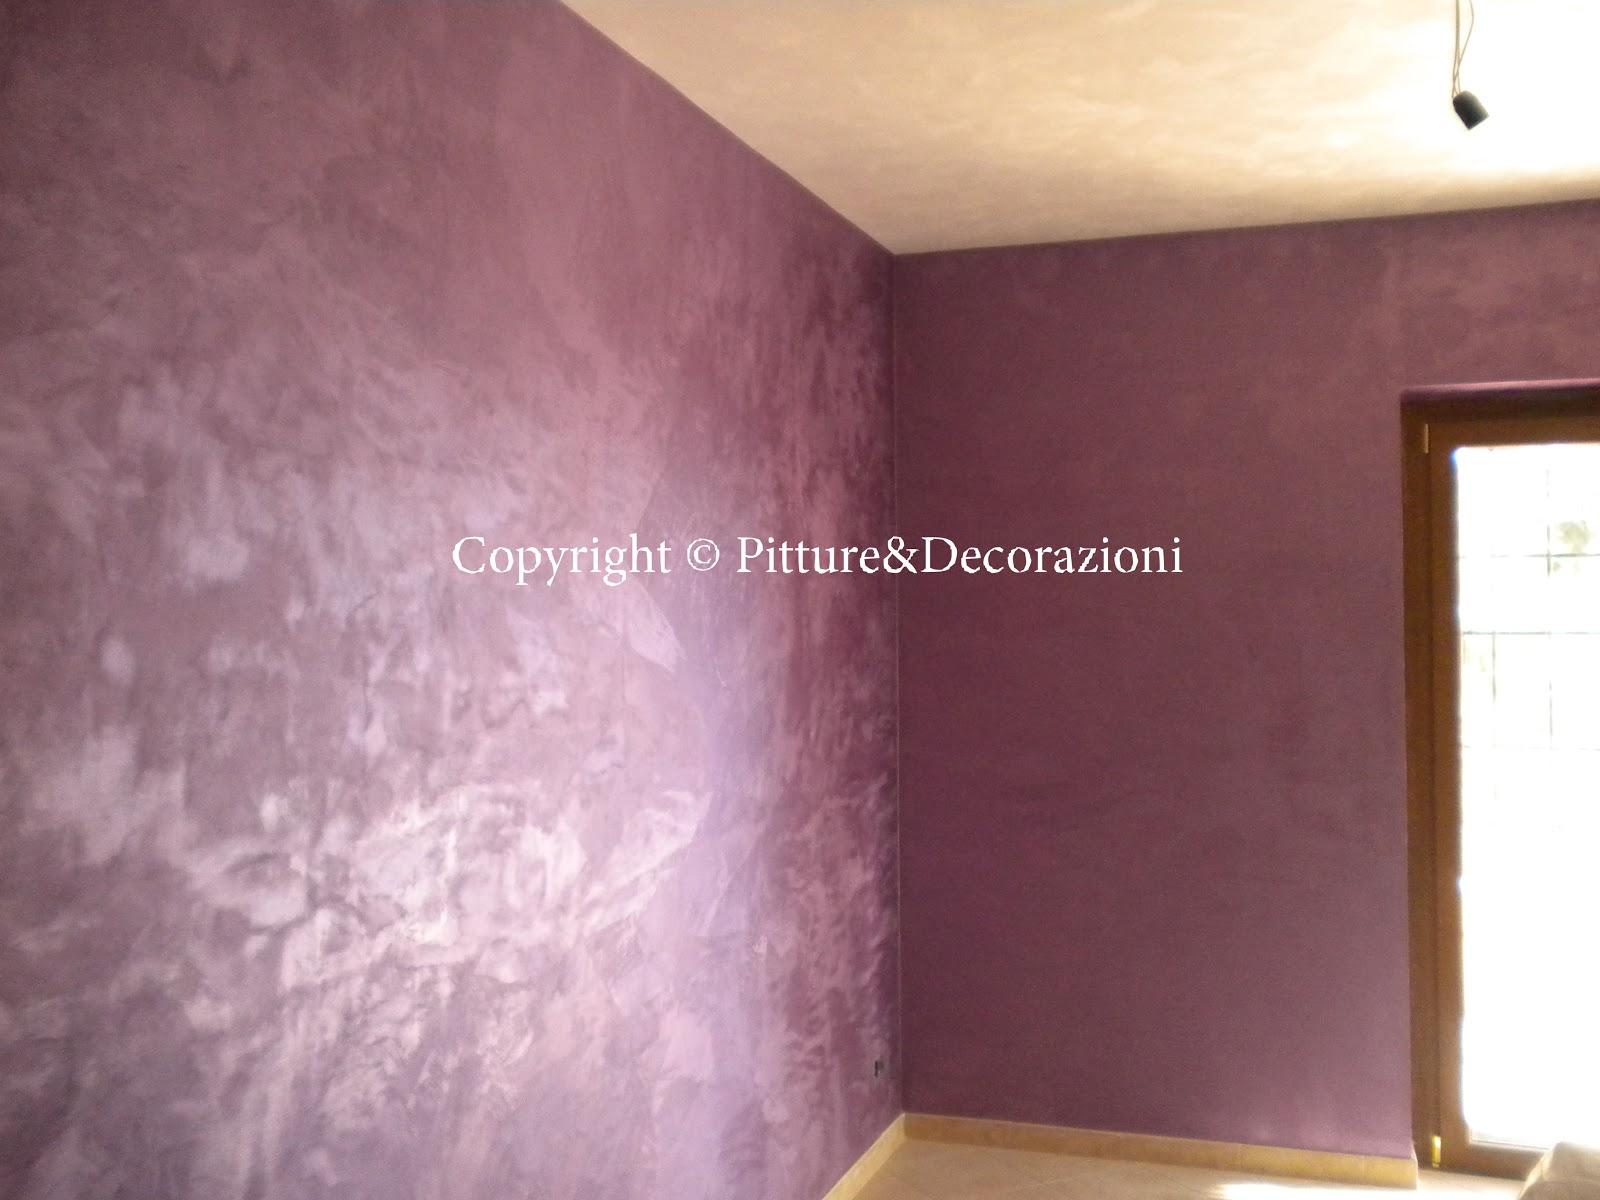 Pittura Pareti Effetto Seta : Pareti con brillantini come e perché applicare il glitter ai muri